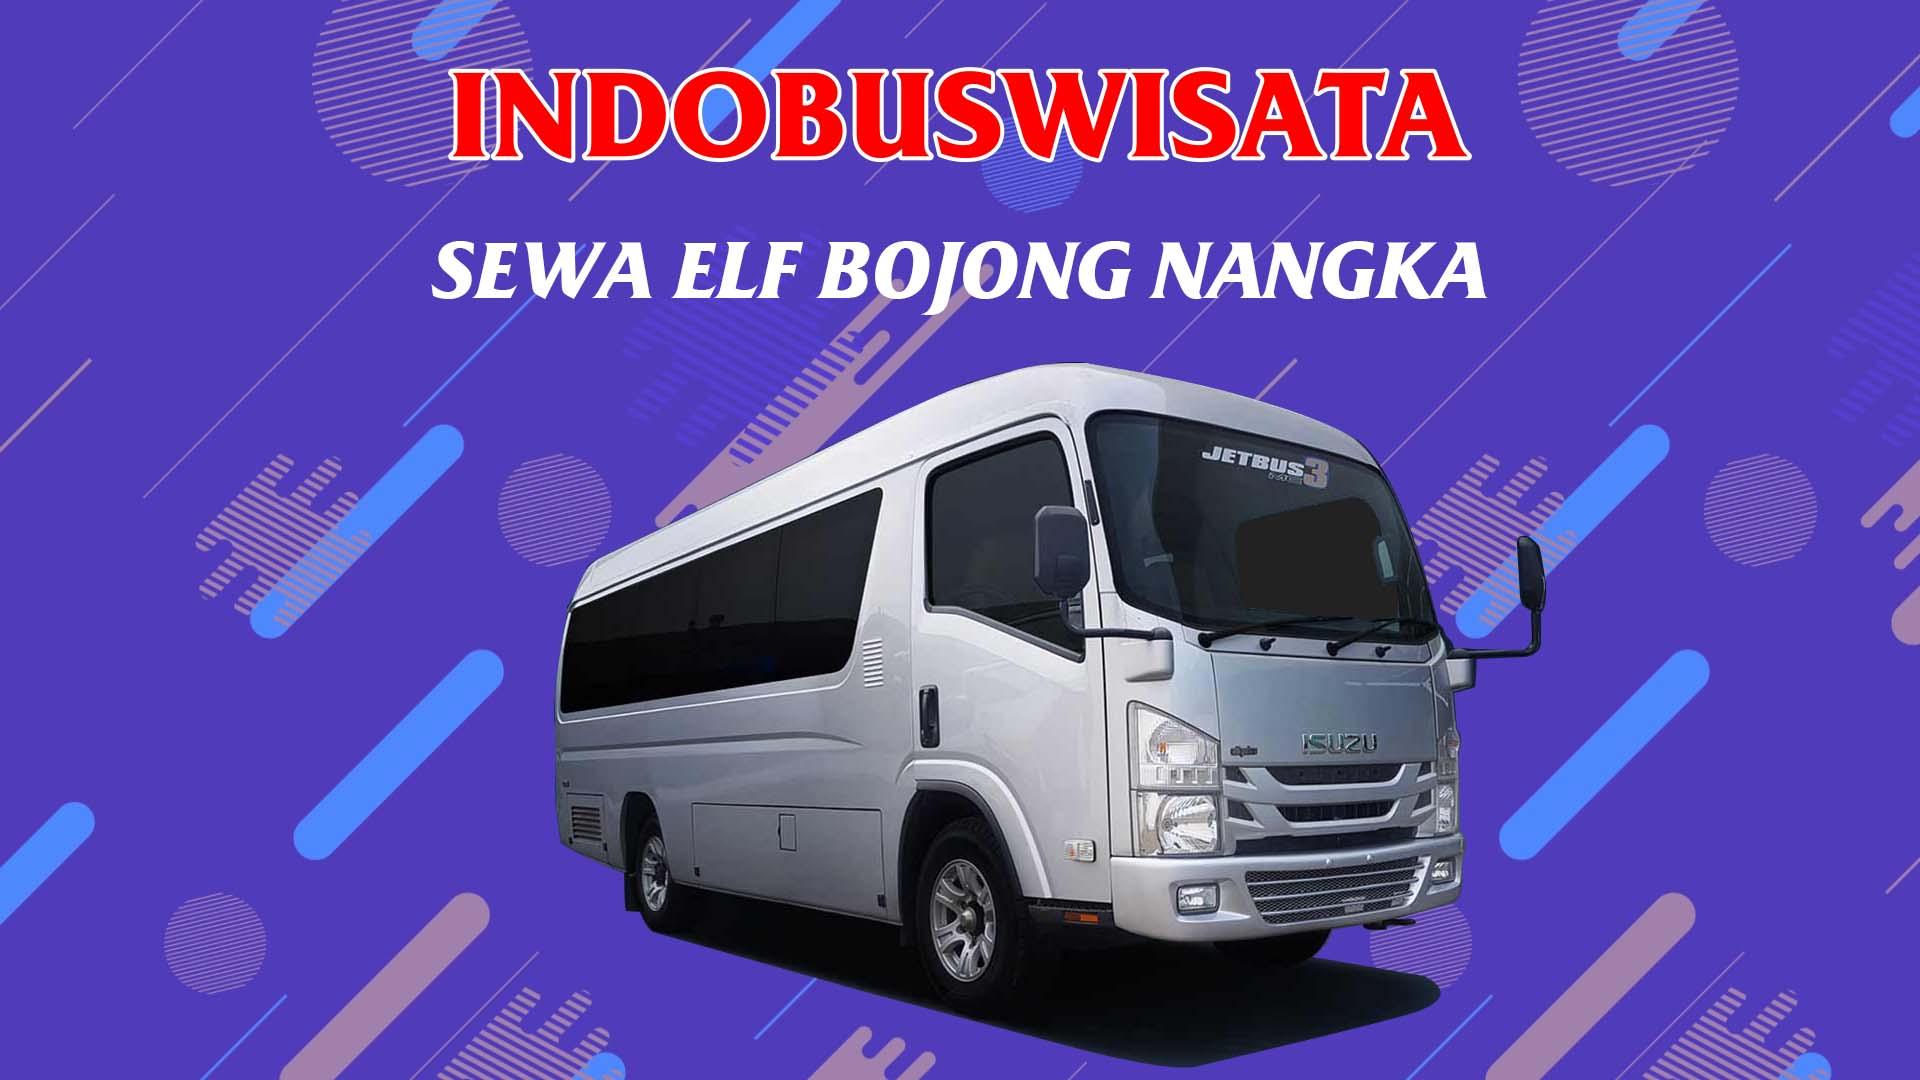 008 Sewa Elf Bojong Nangka Indobuswisata